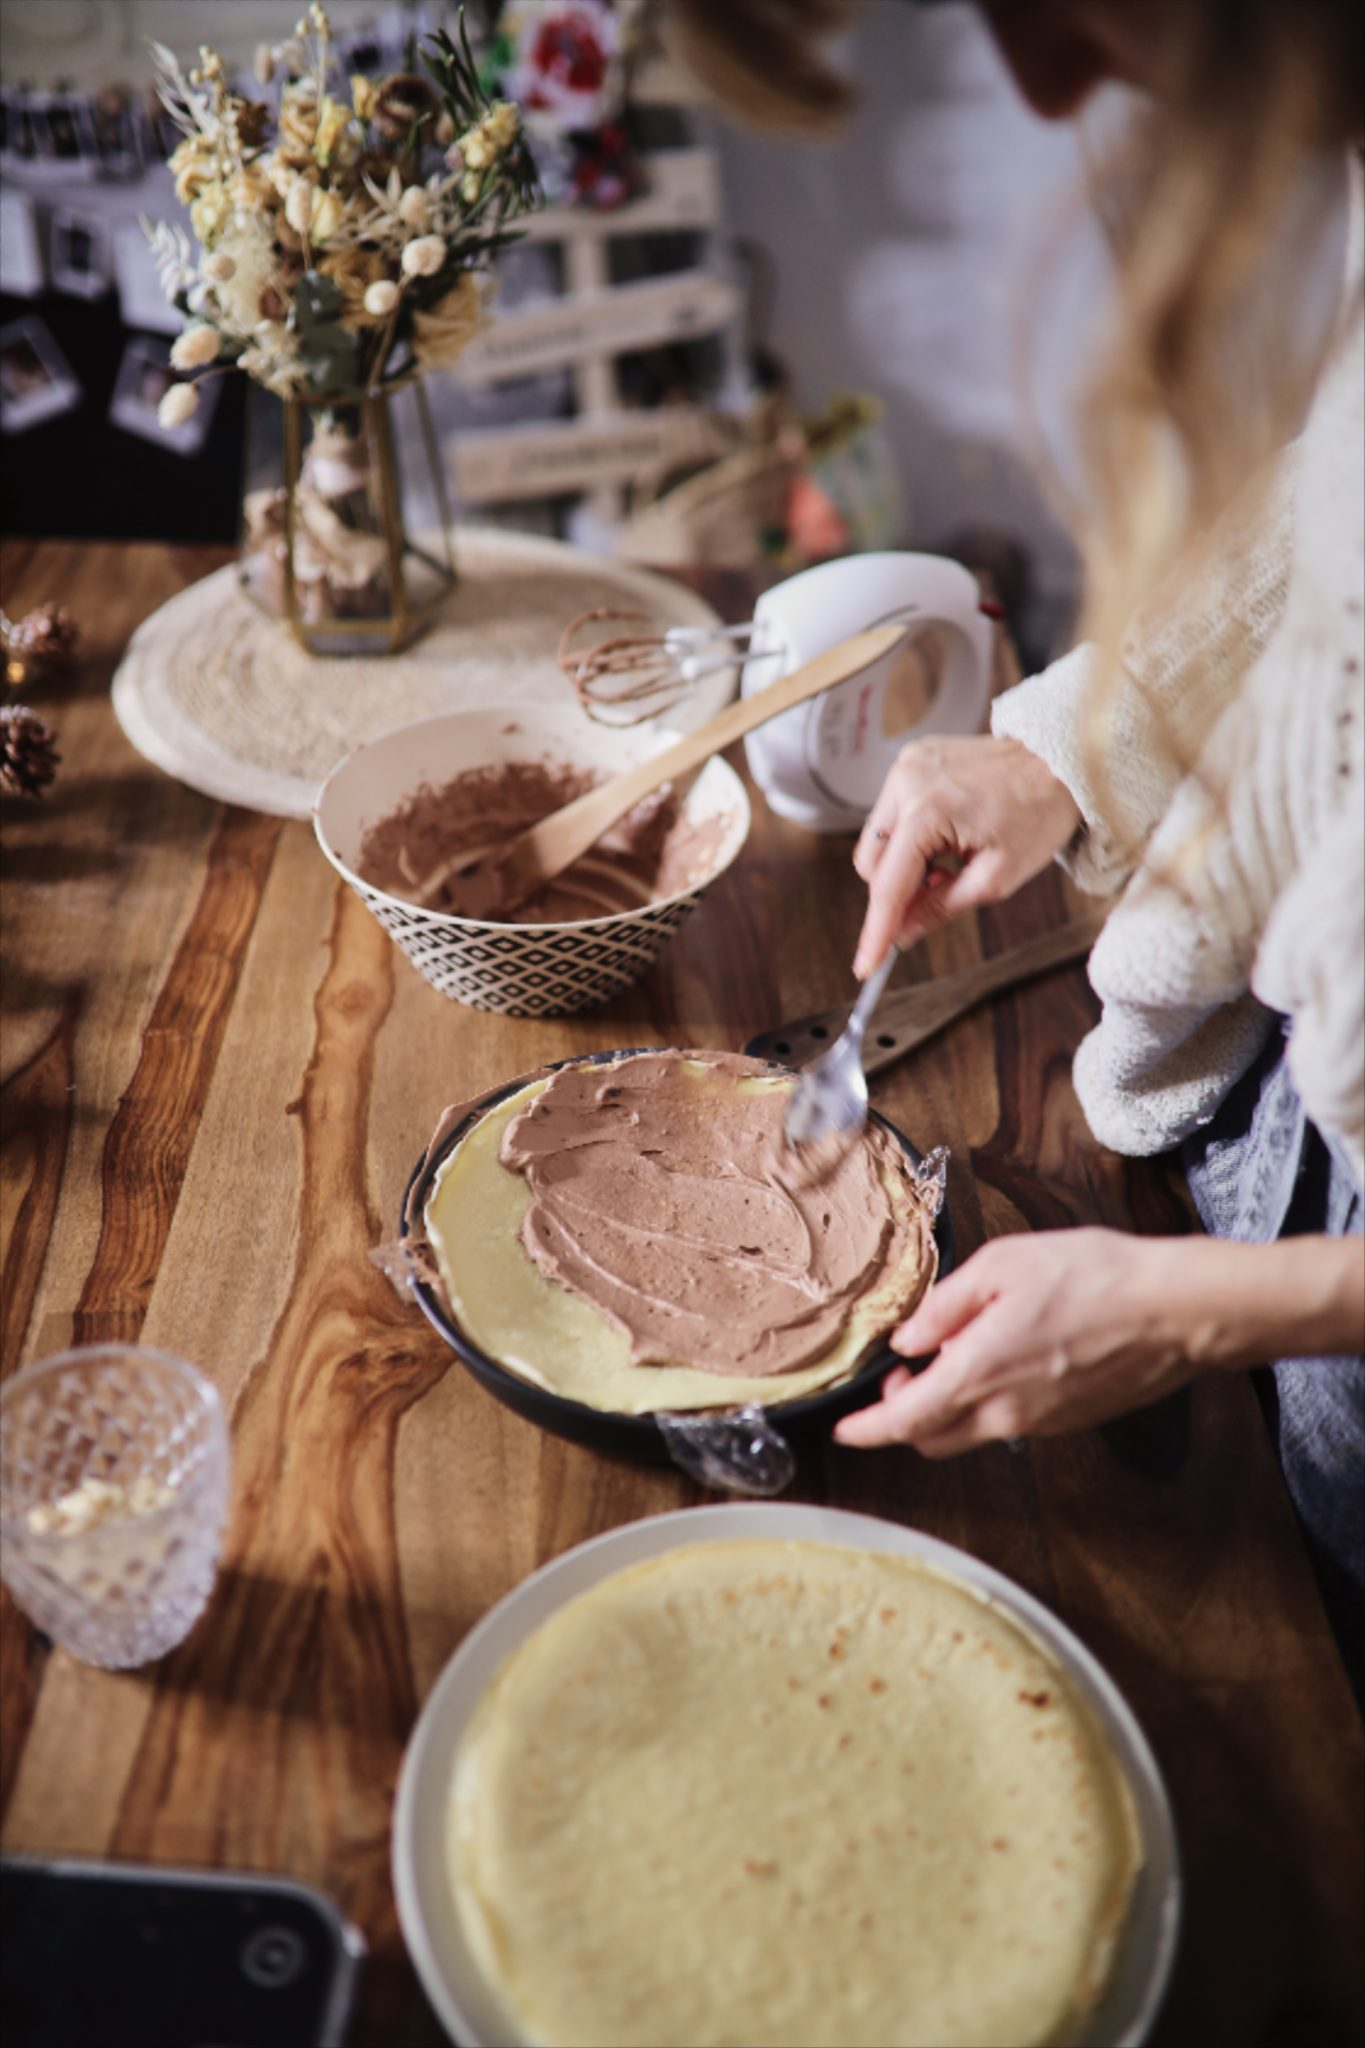 gâteau de crêpes chocolat chantilly vanille noisette